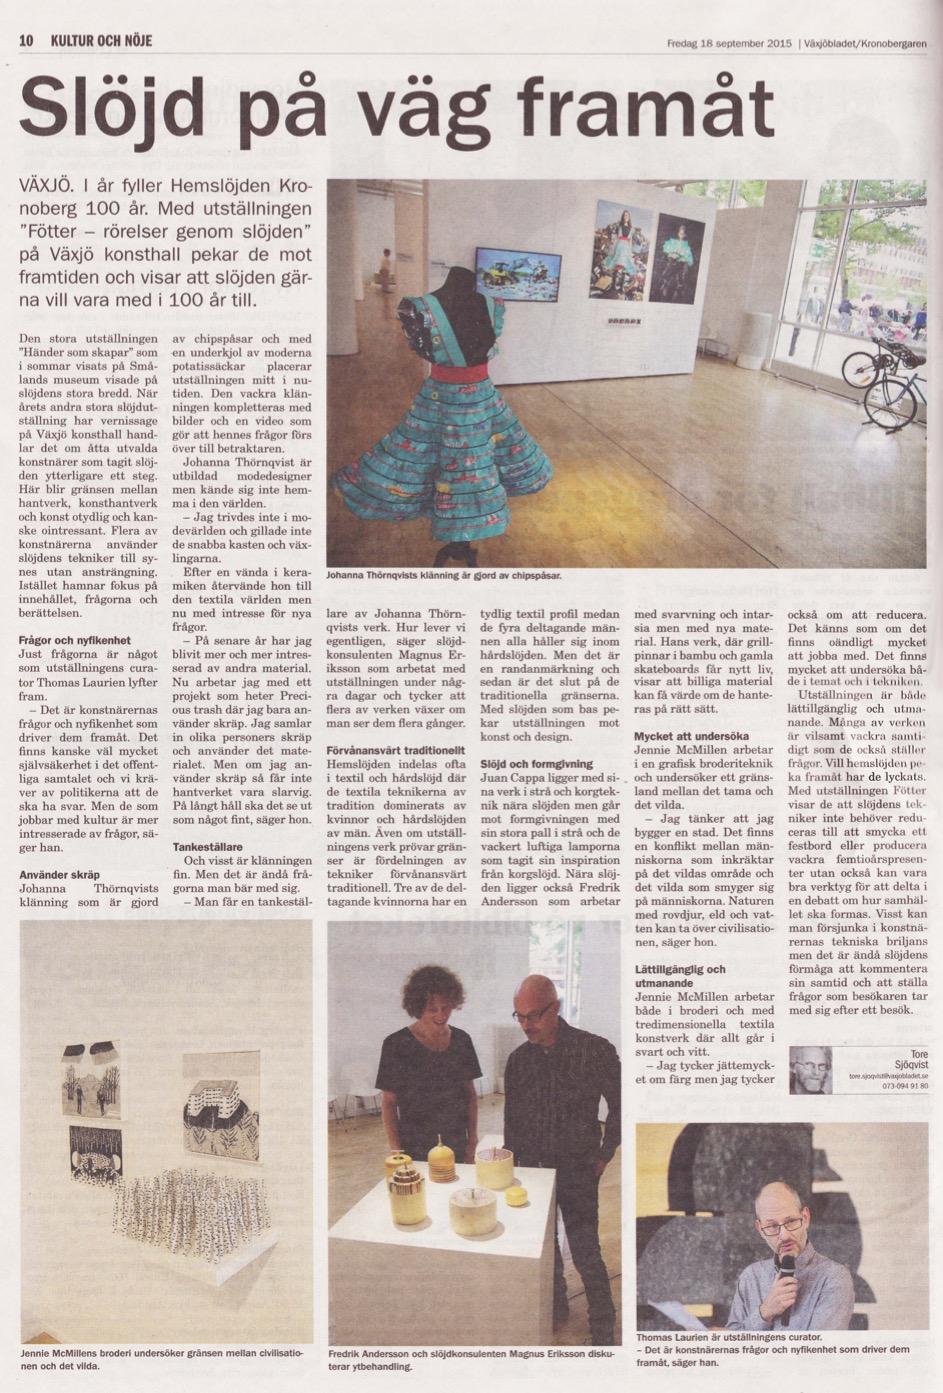 Växjöbladet: Slöjd på väg framåt (October 2015)